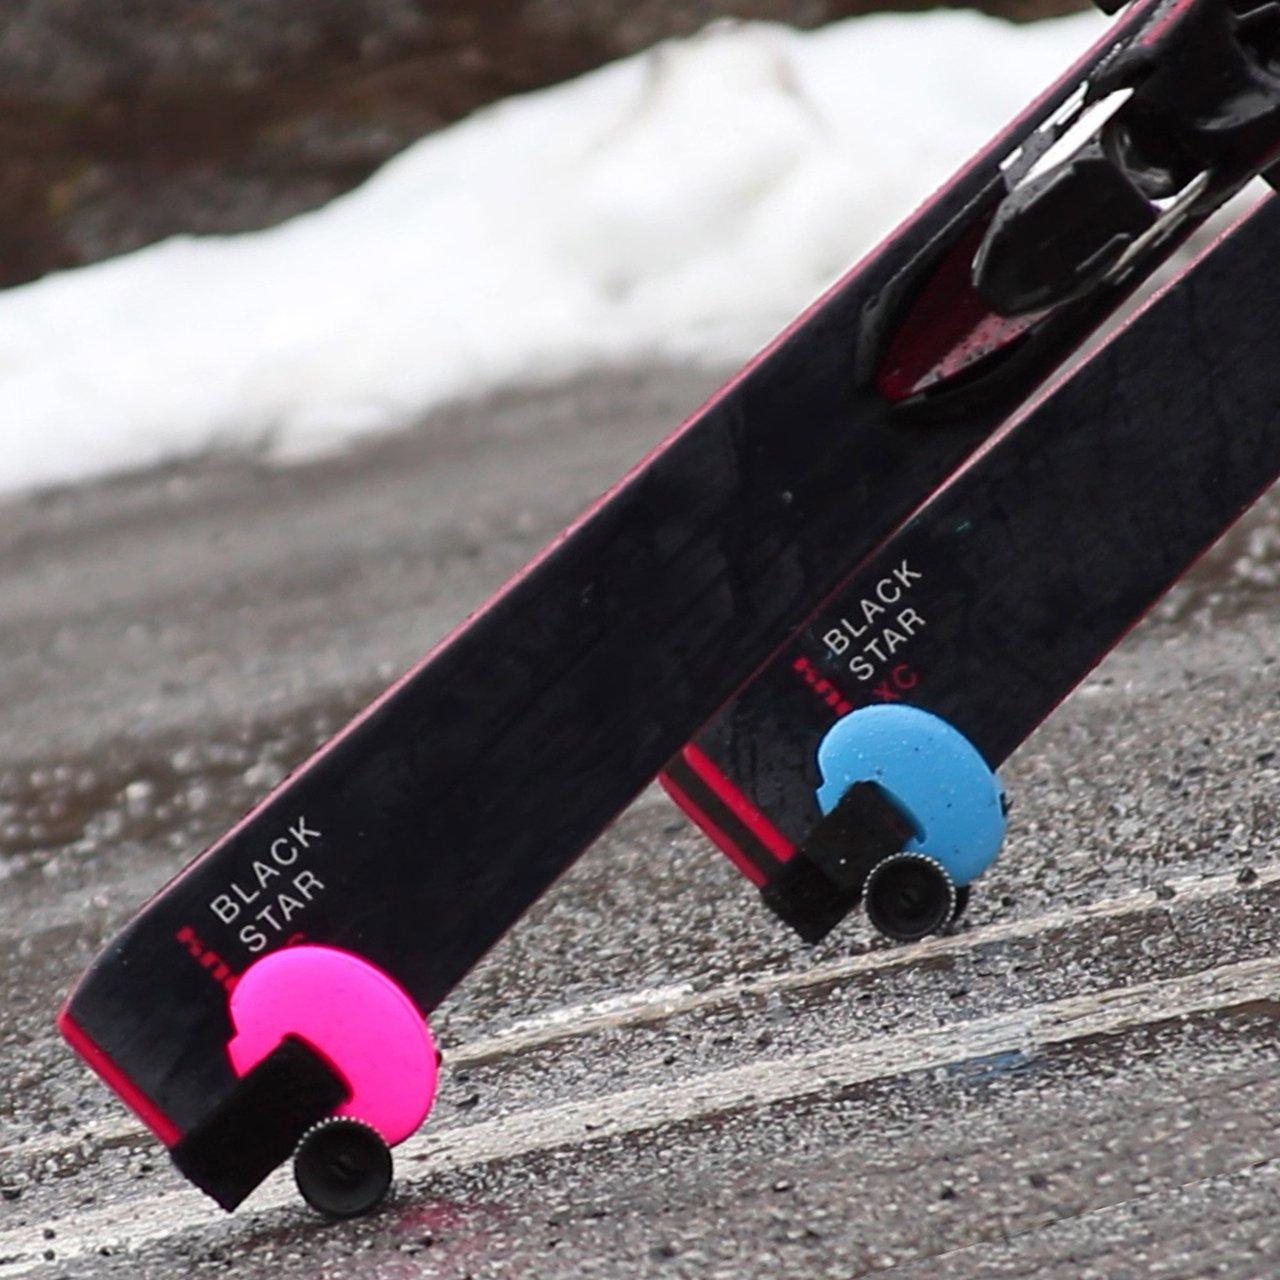 Skiddi Portable Ski Trolley